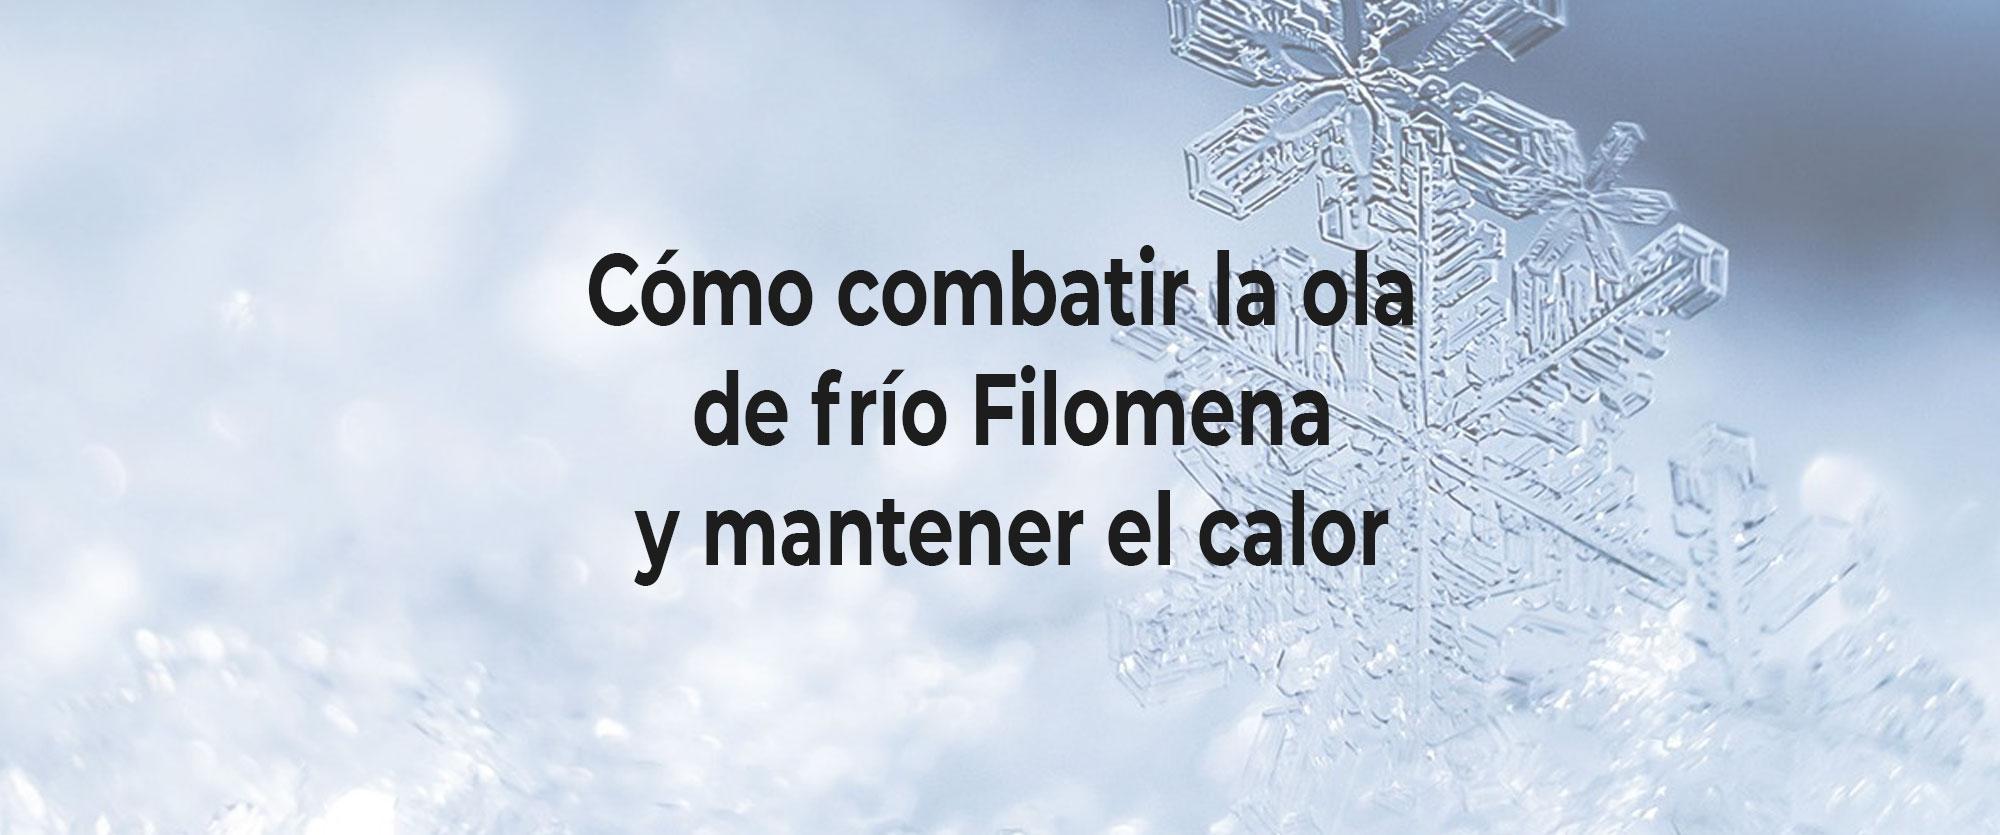 Cómo combatir la ola de frío Filomena y mantener el calor frente al COVID